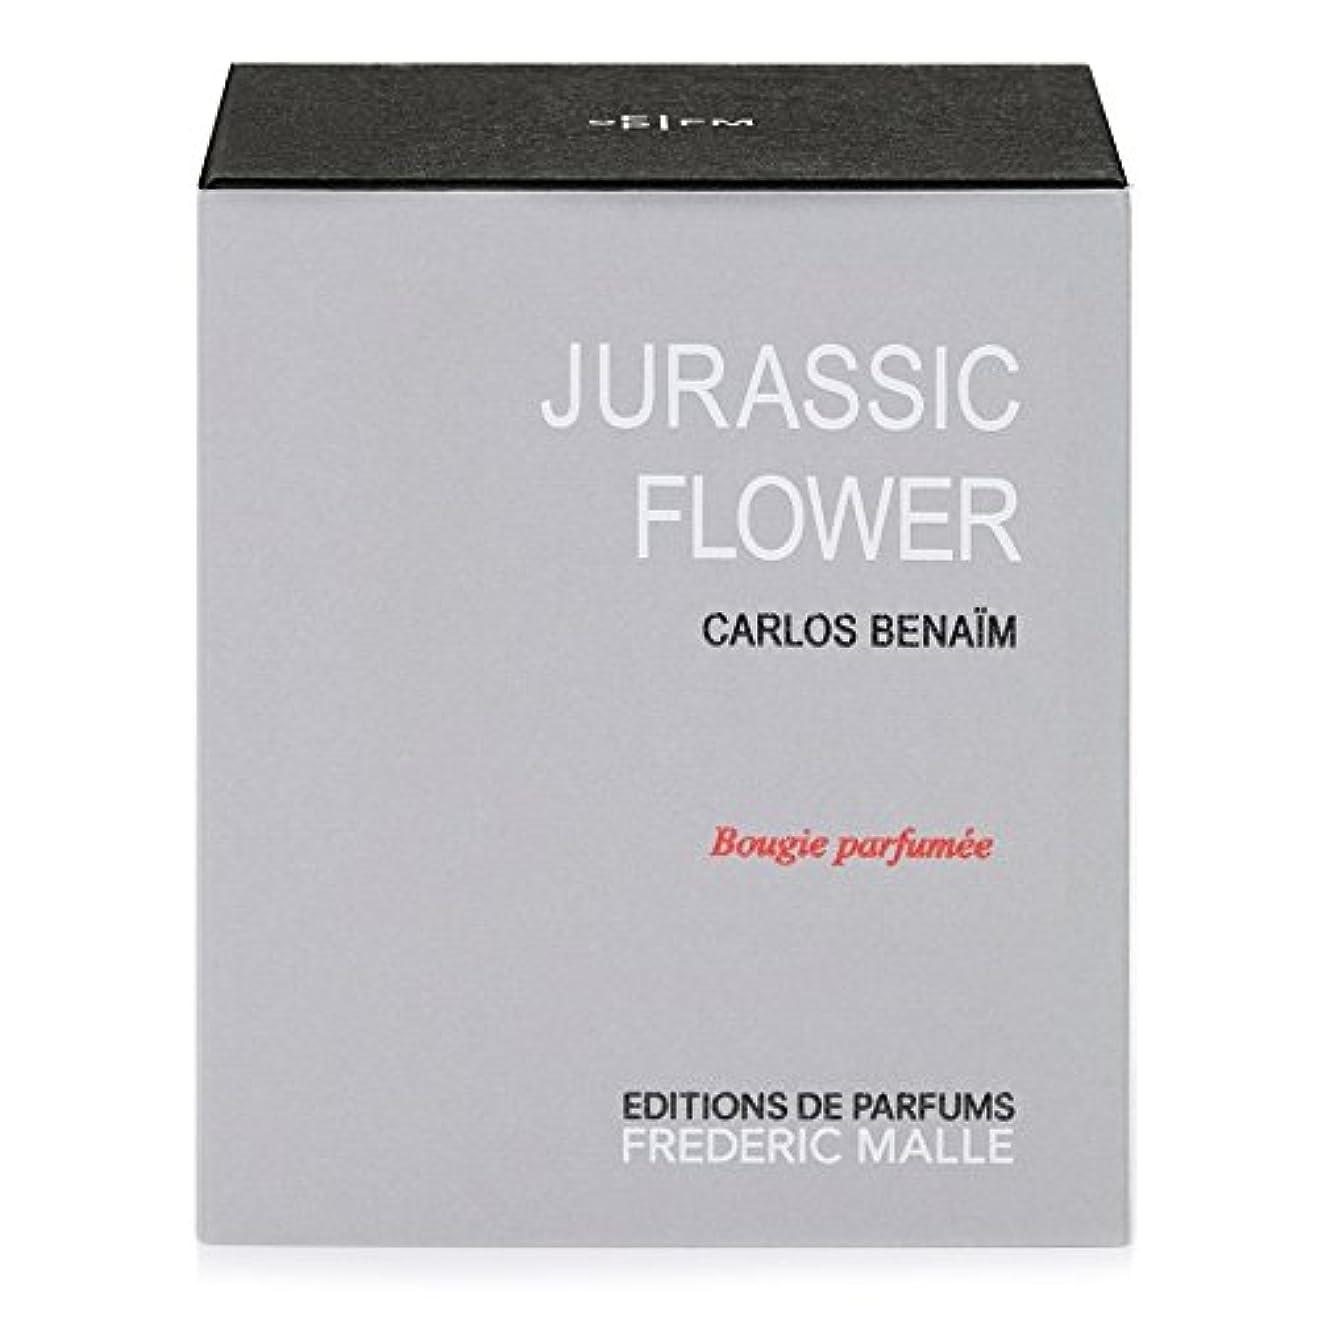 ボルト首相ましいFrederic Malle Jurassic Flower Scented Candle 220g - フレデリック?マルジュラ紀の花の香りのキャンドル220グラム [並行輸入品]